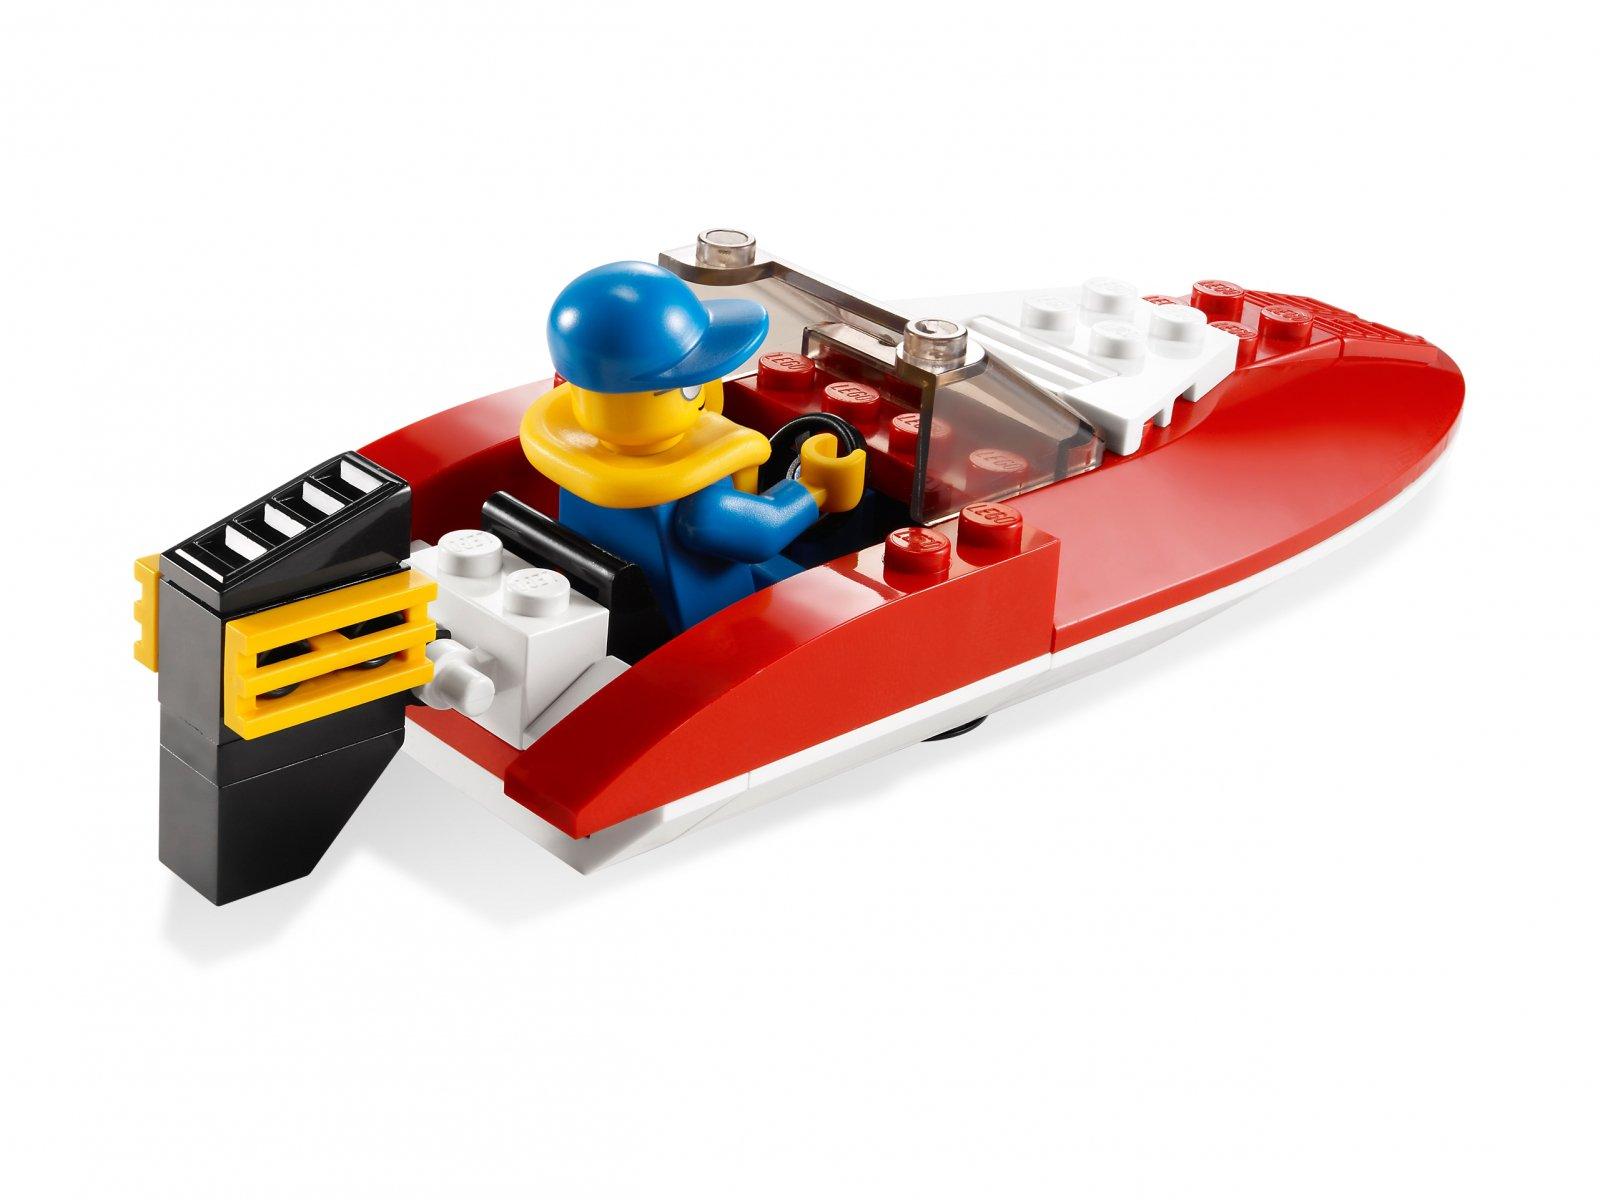 LEGO 4641 Łódź wyścigowa